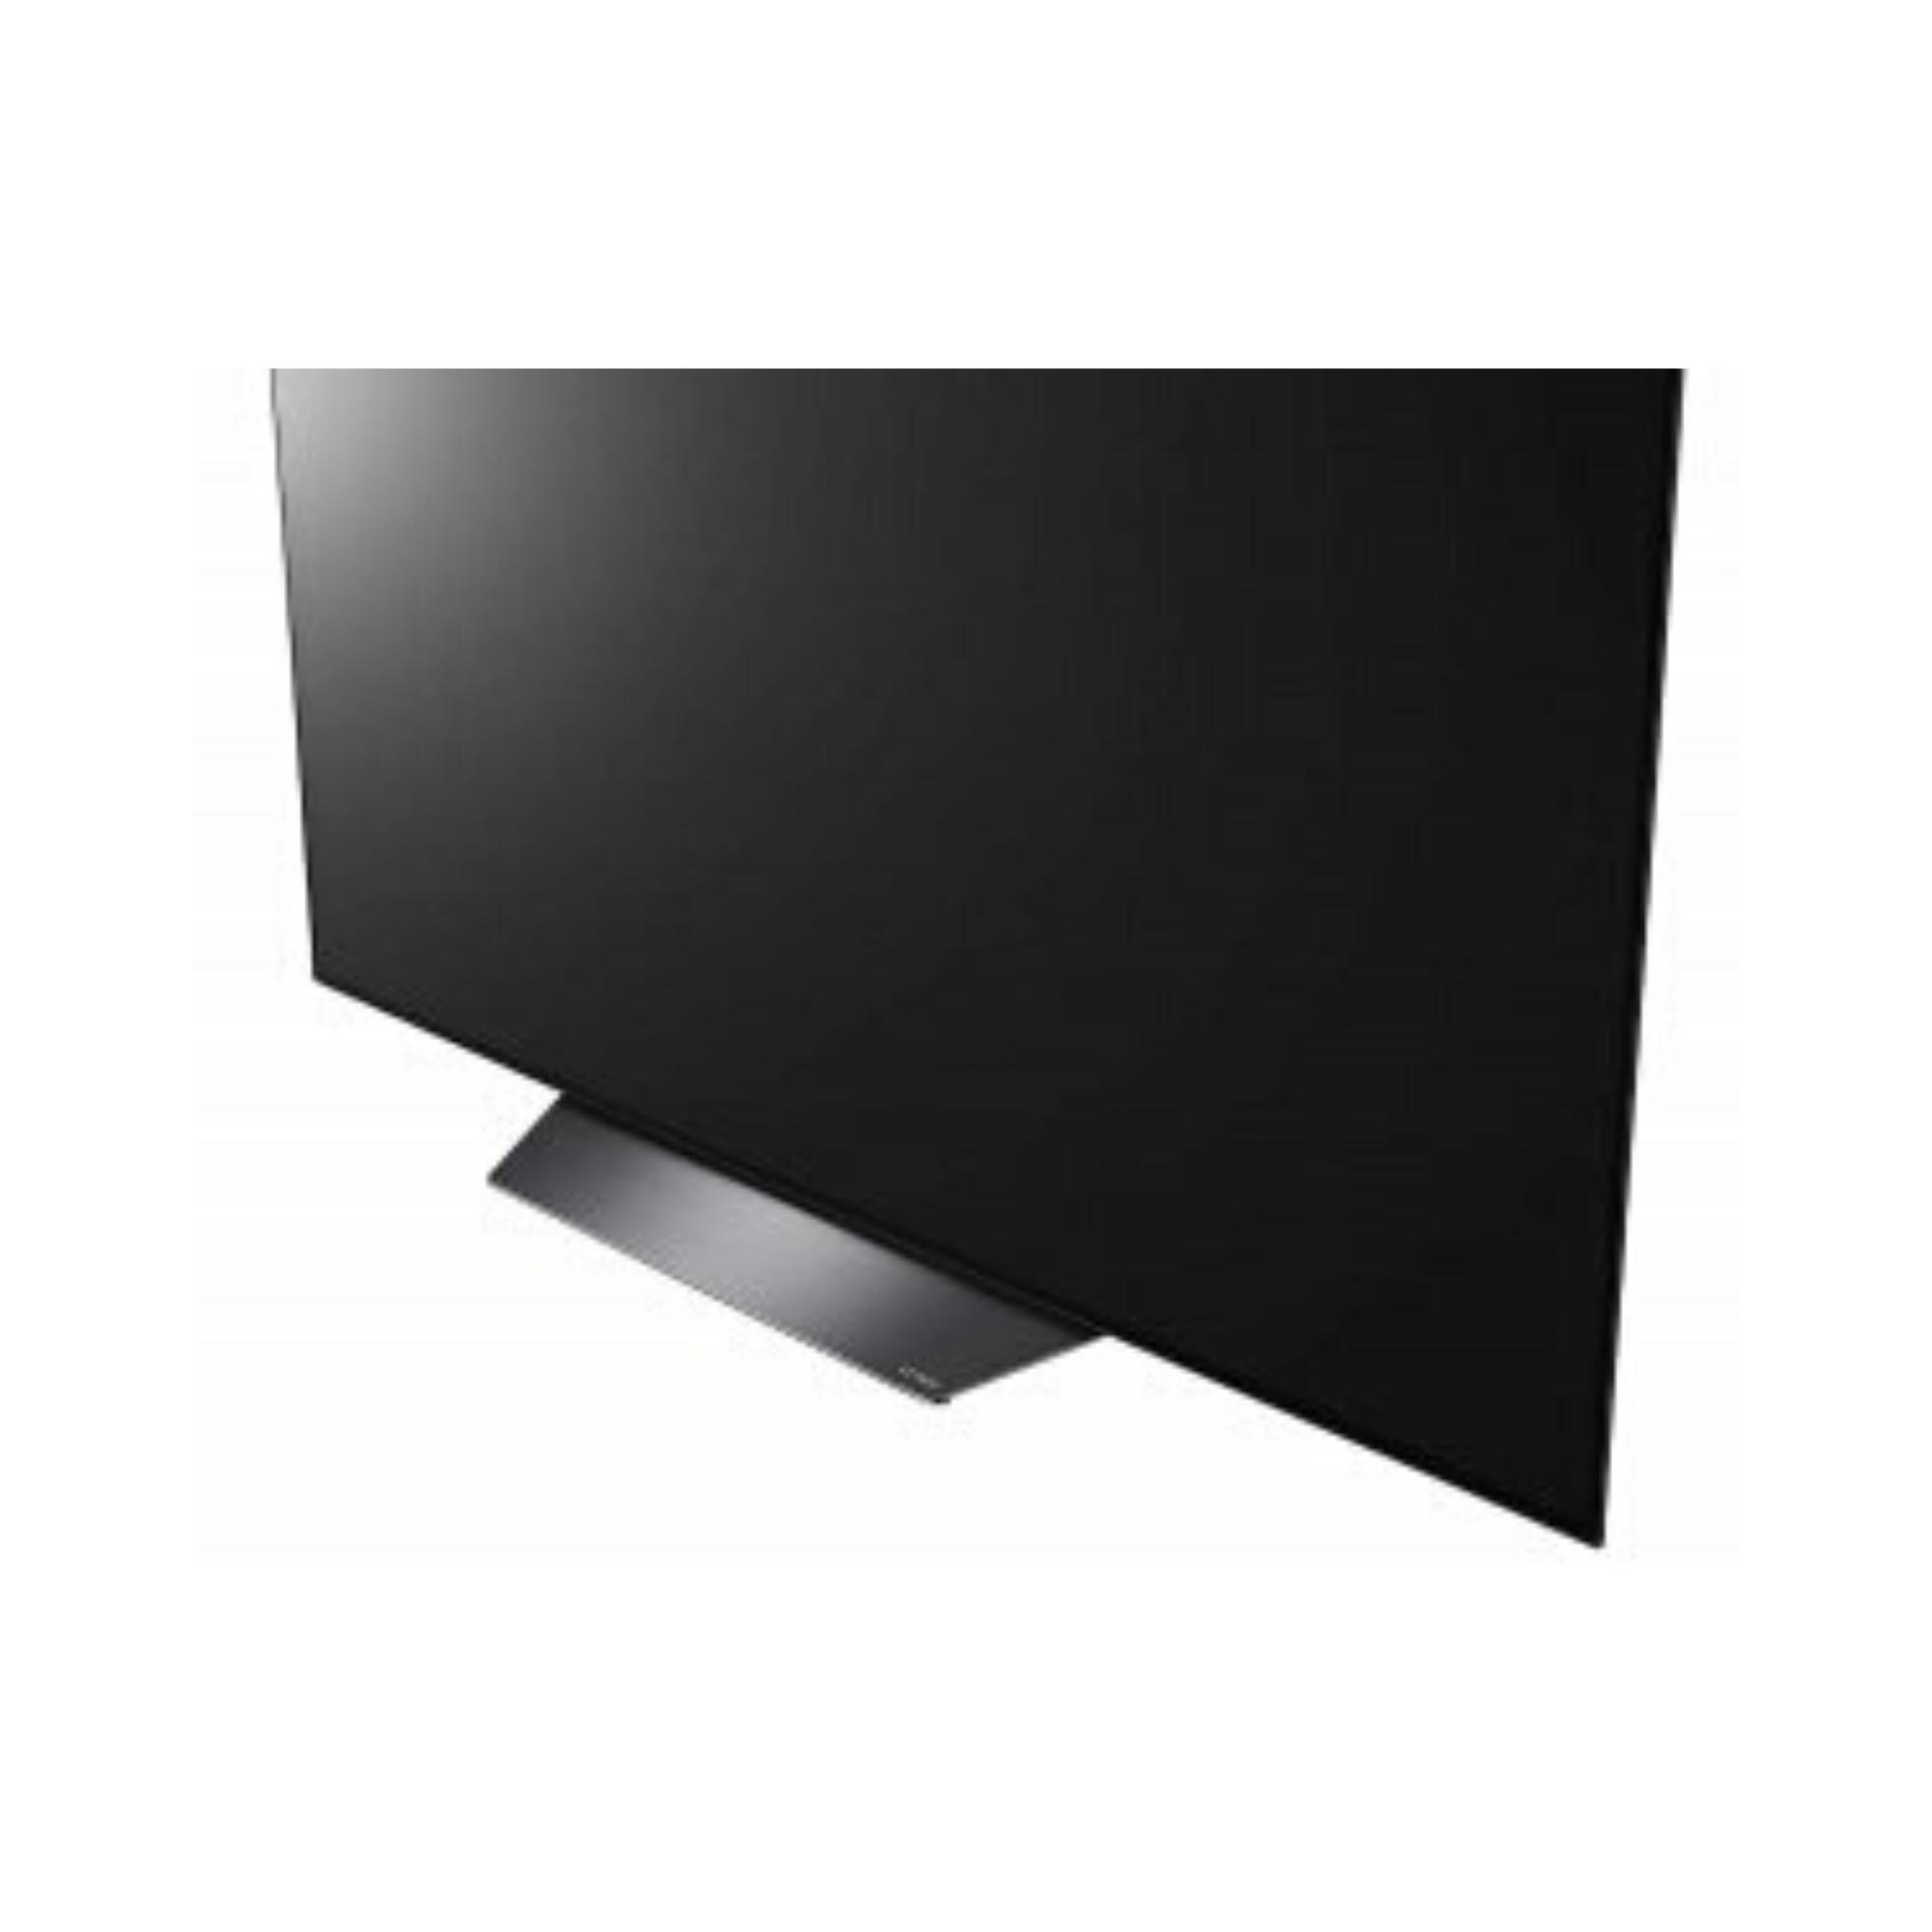 Lg 164 Cm 65 Inches 4k Uhd Oled Smart Tv Oled65b8pta